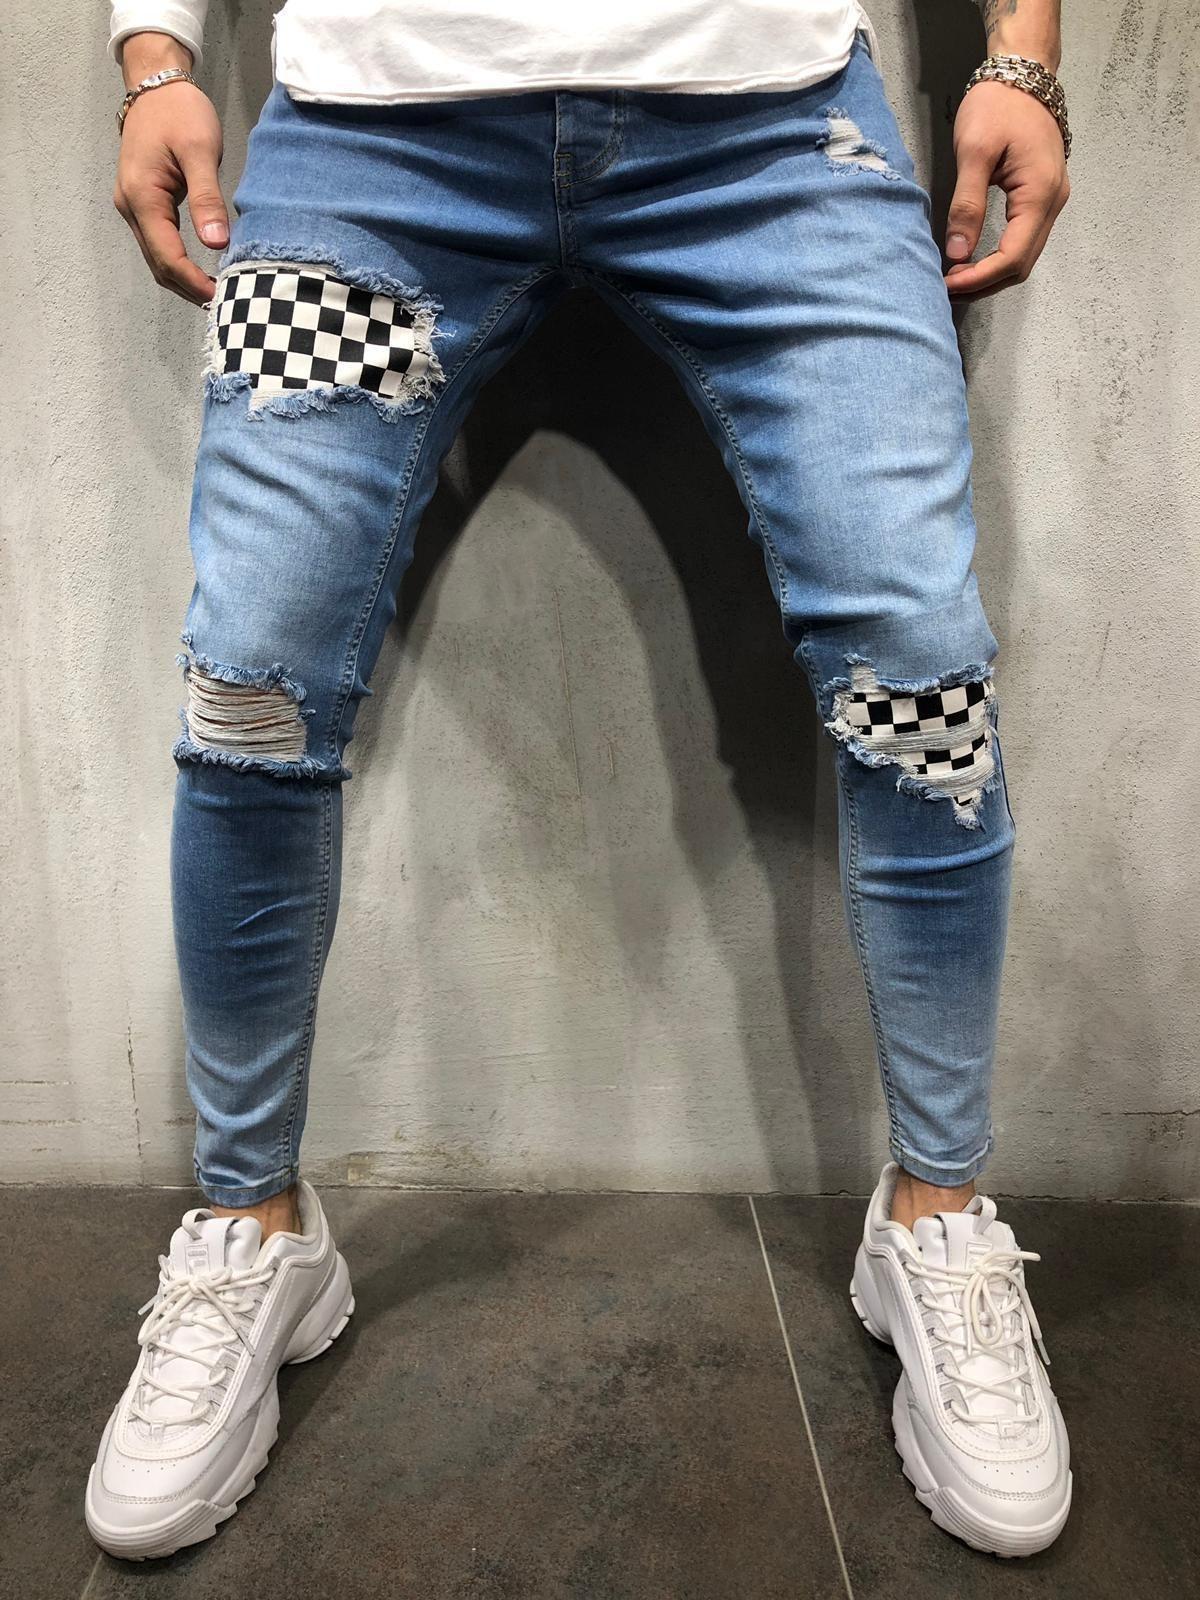 Mens конструктора карандаш джинсы Колено Дыры весна осень Дизайнер Pantalones Улица скейтборд карандаш штаны